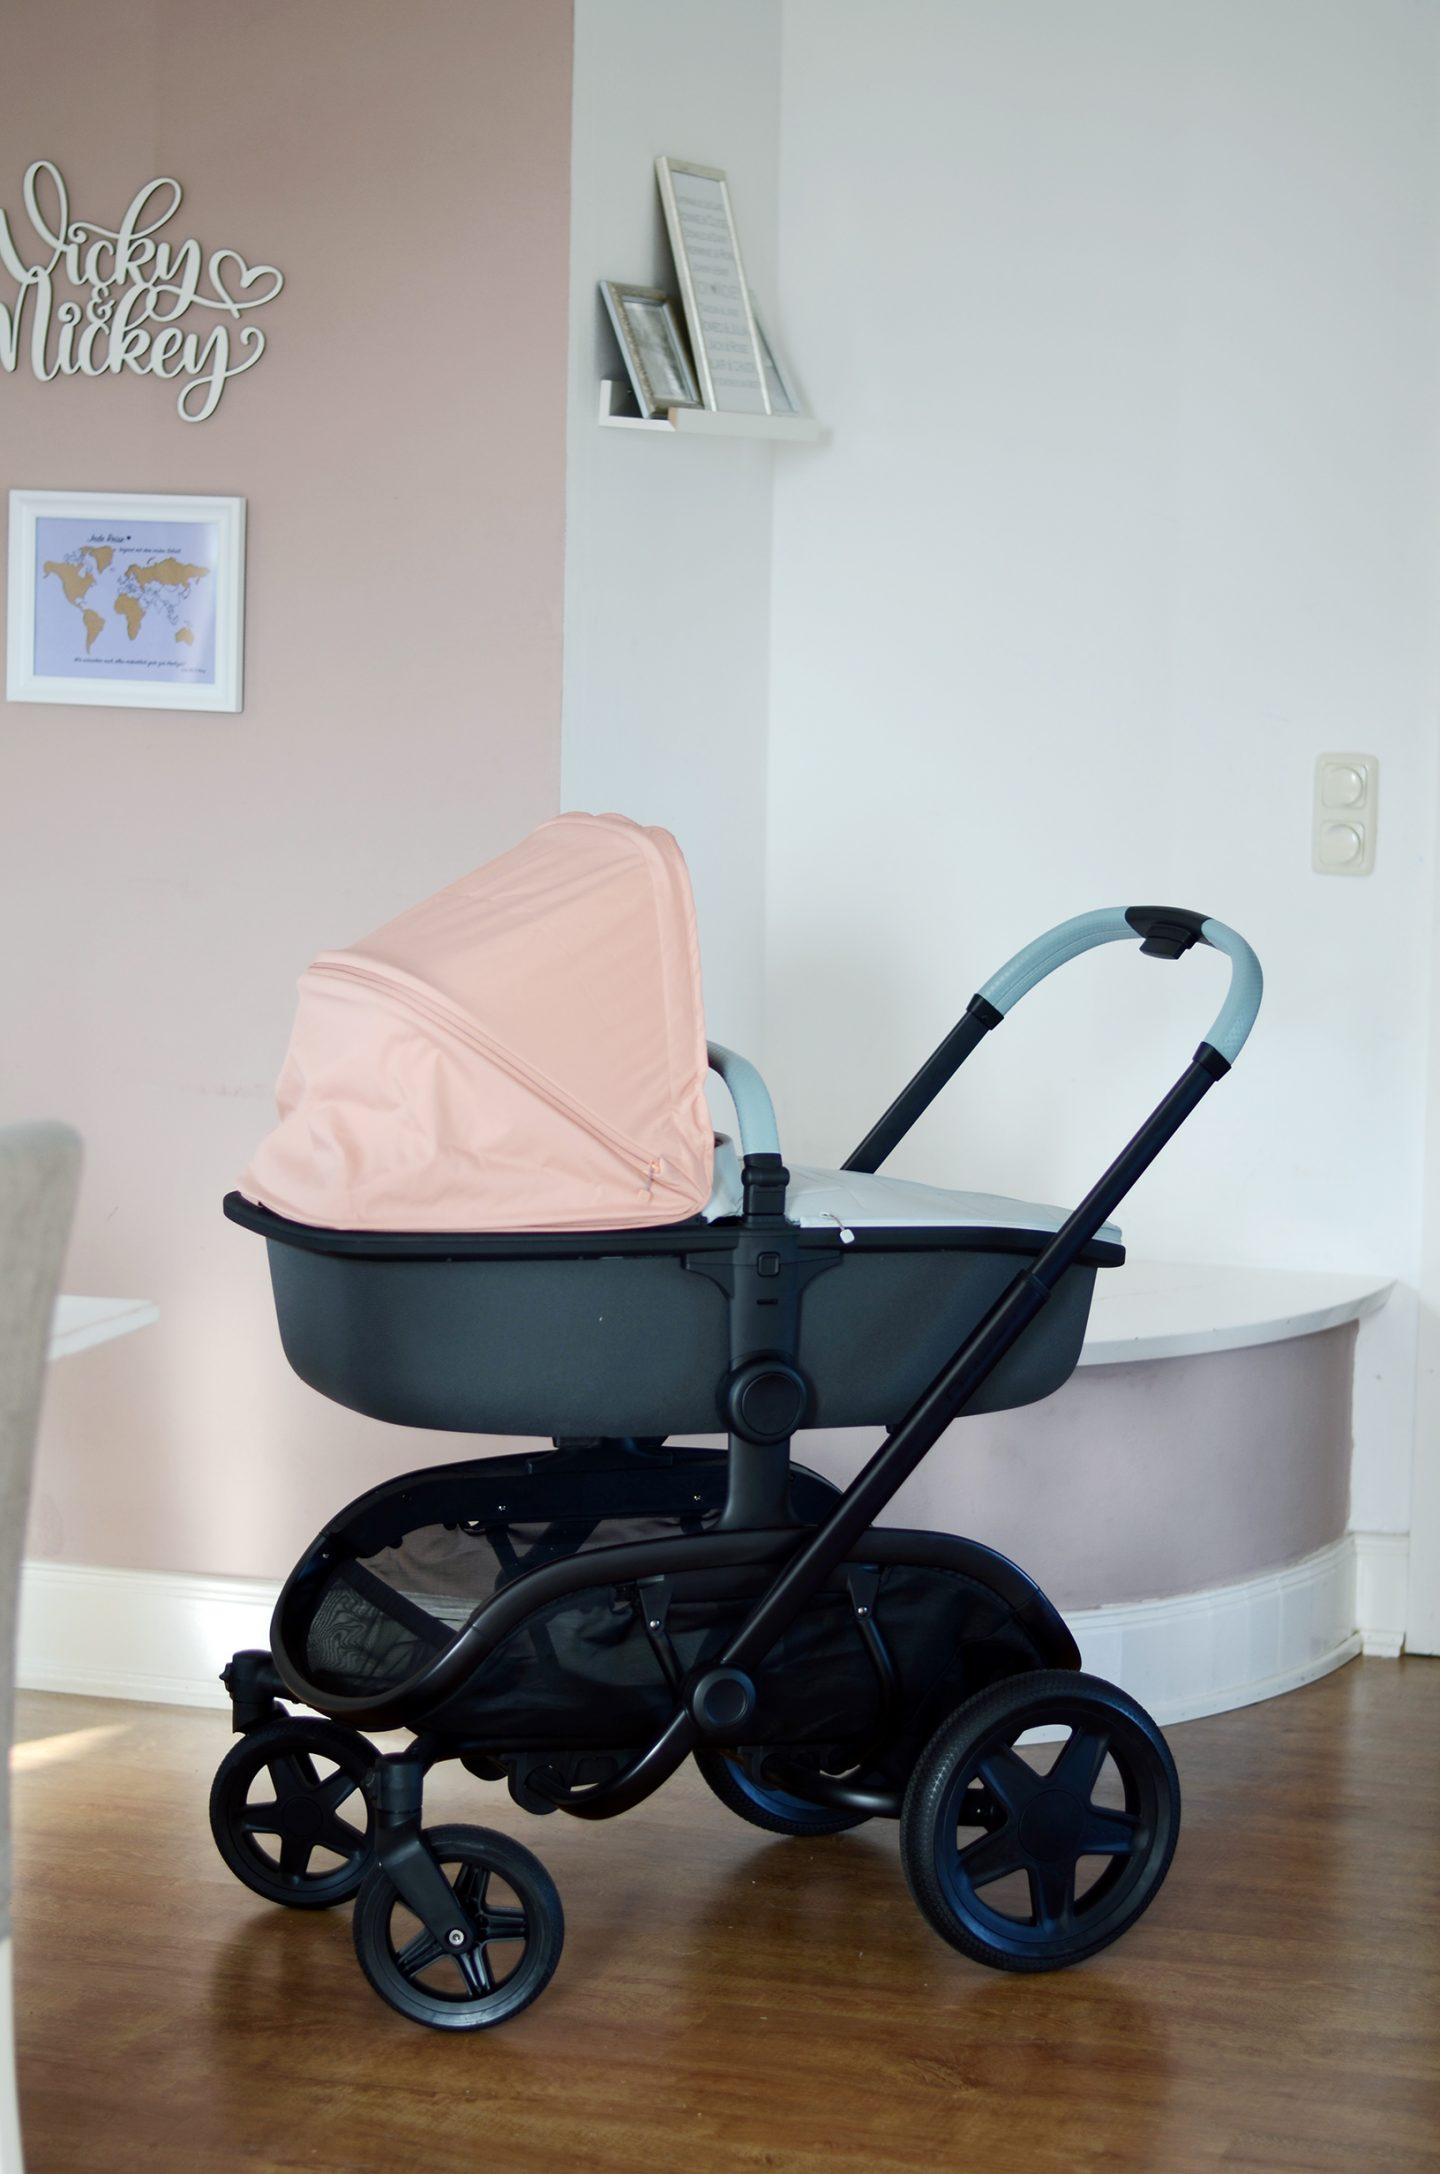 Quinny-Hubb-Geschwister-Kinderwagen